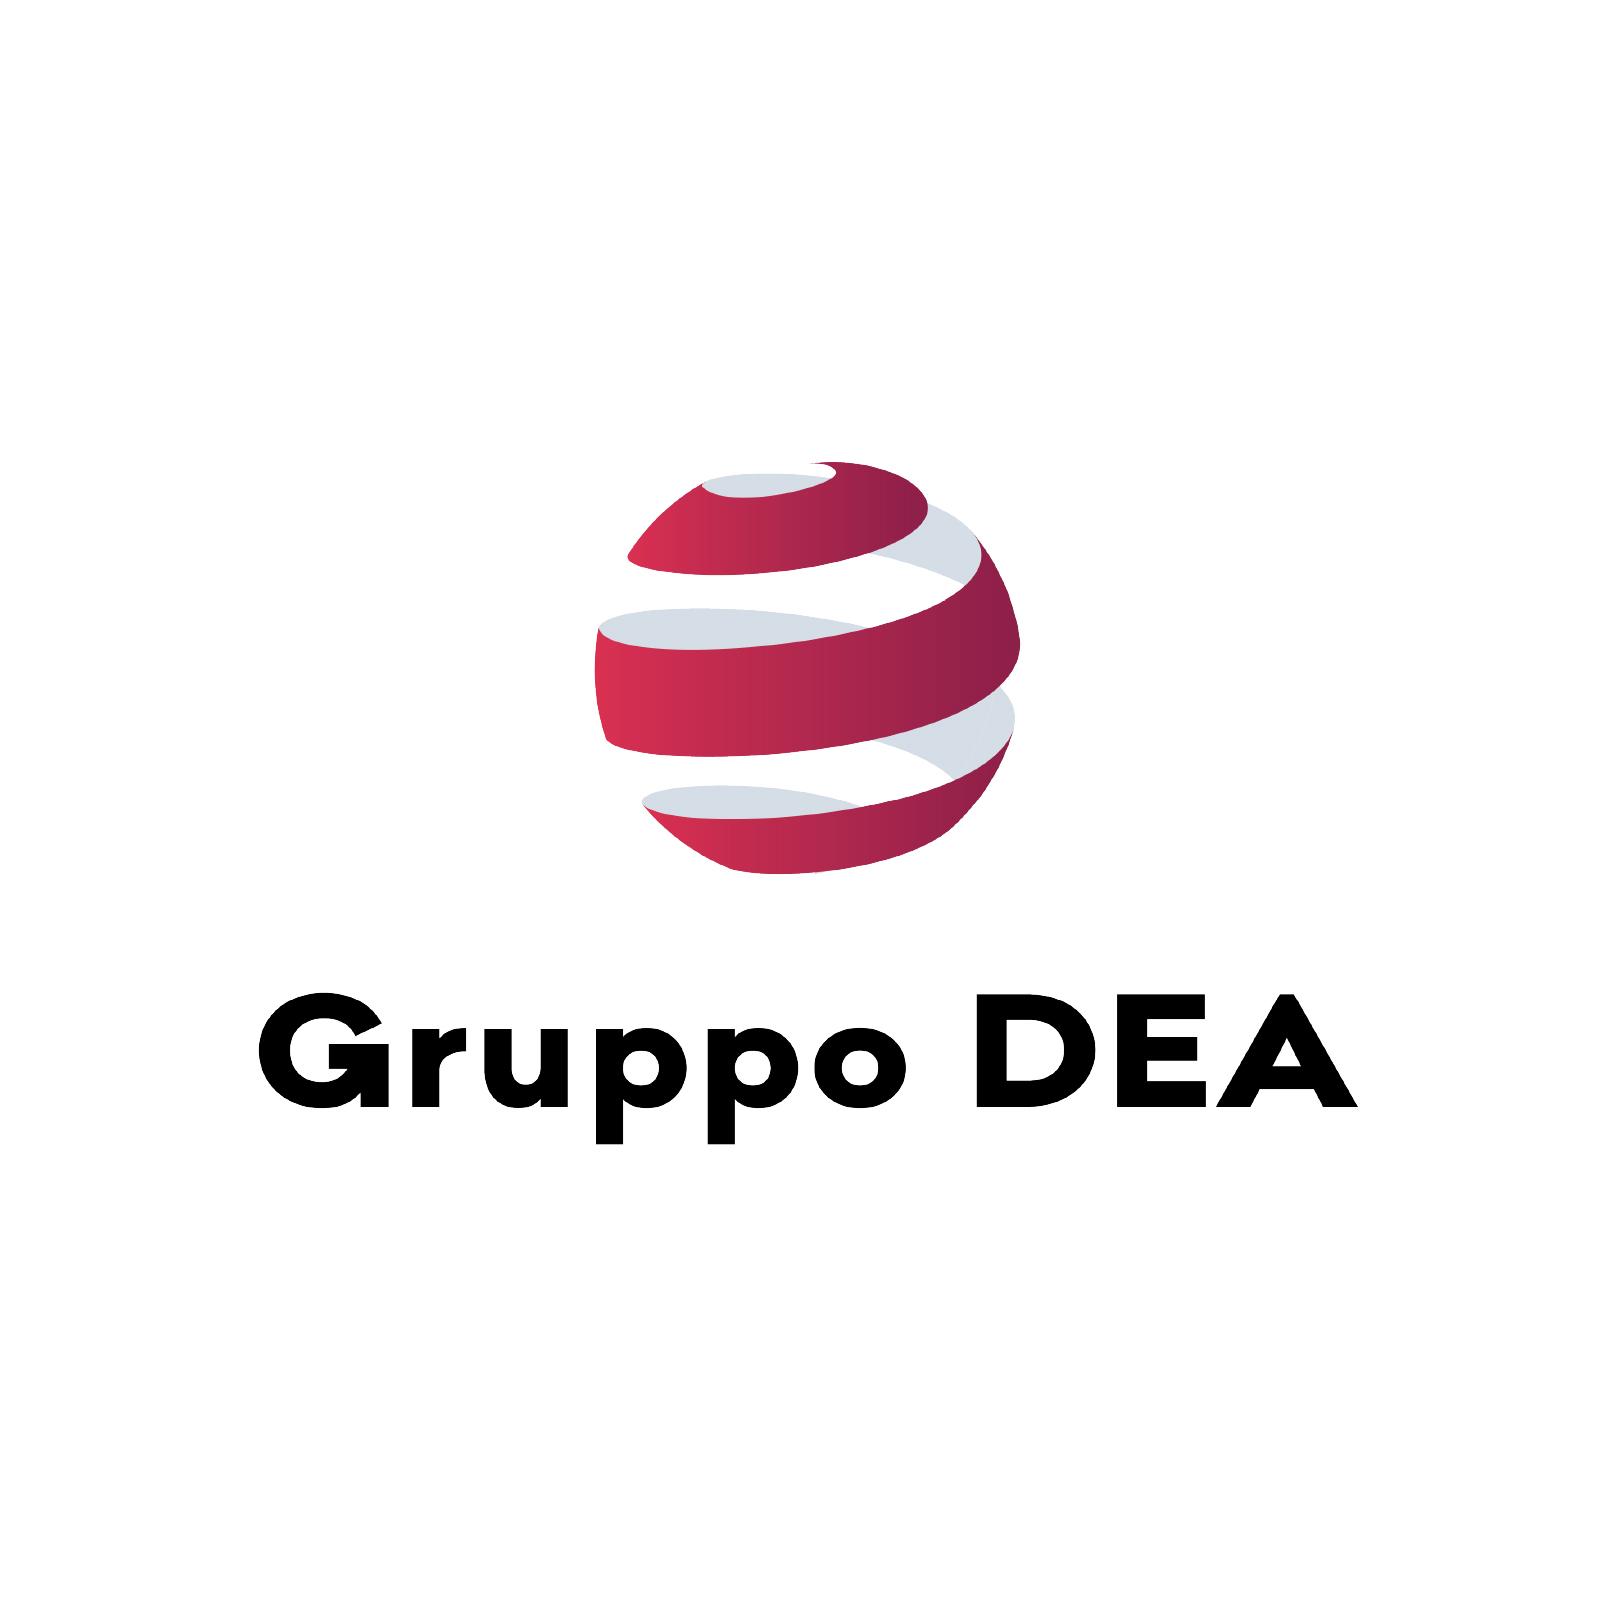 Gruppo Dea